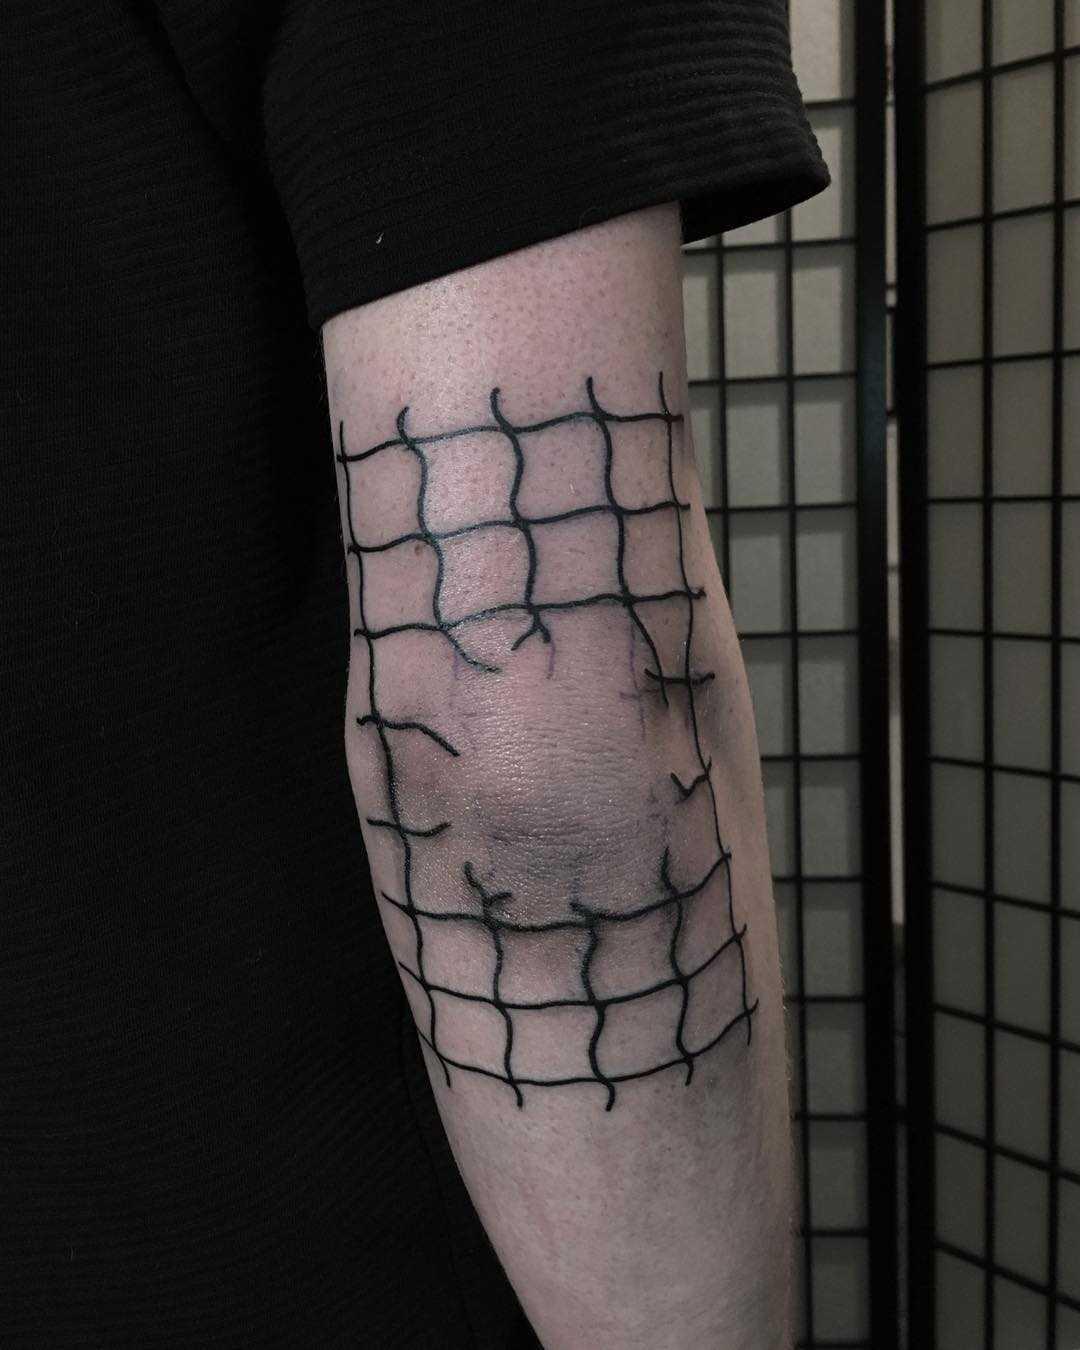 Fence net by @skrzyniarz_